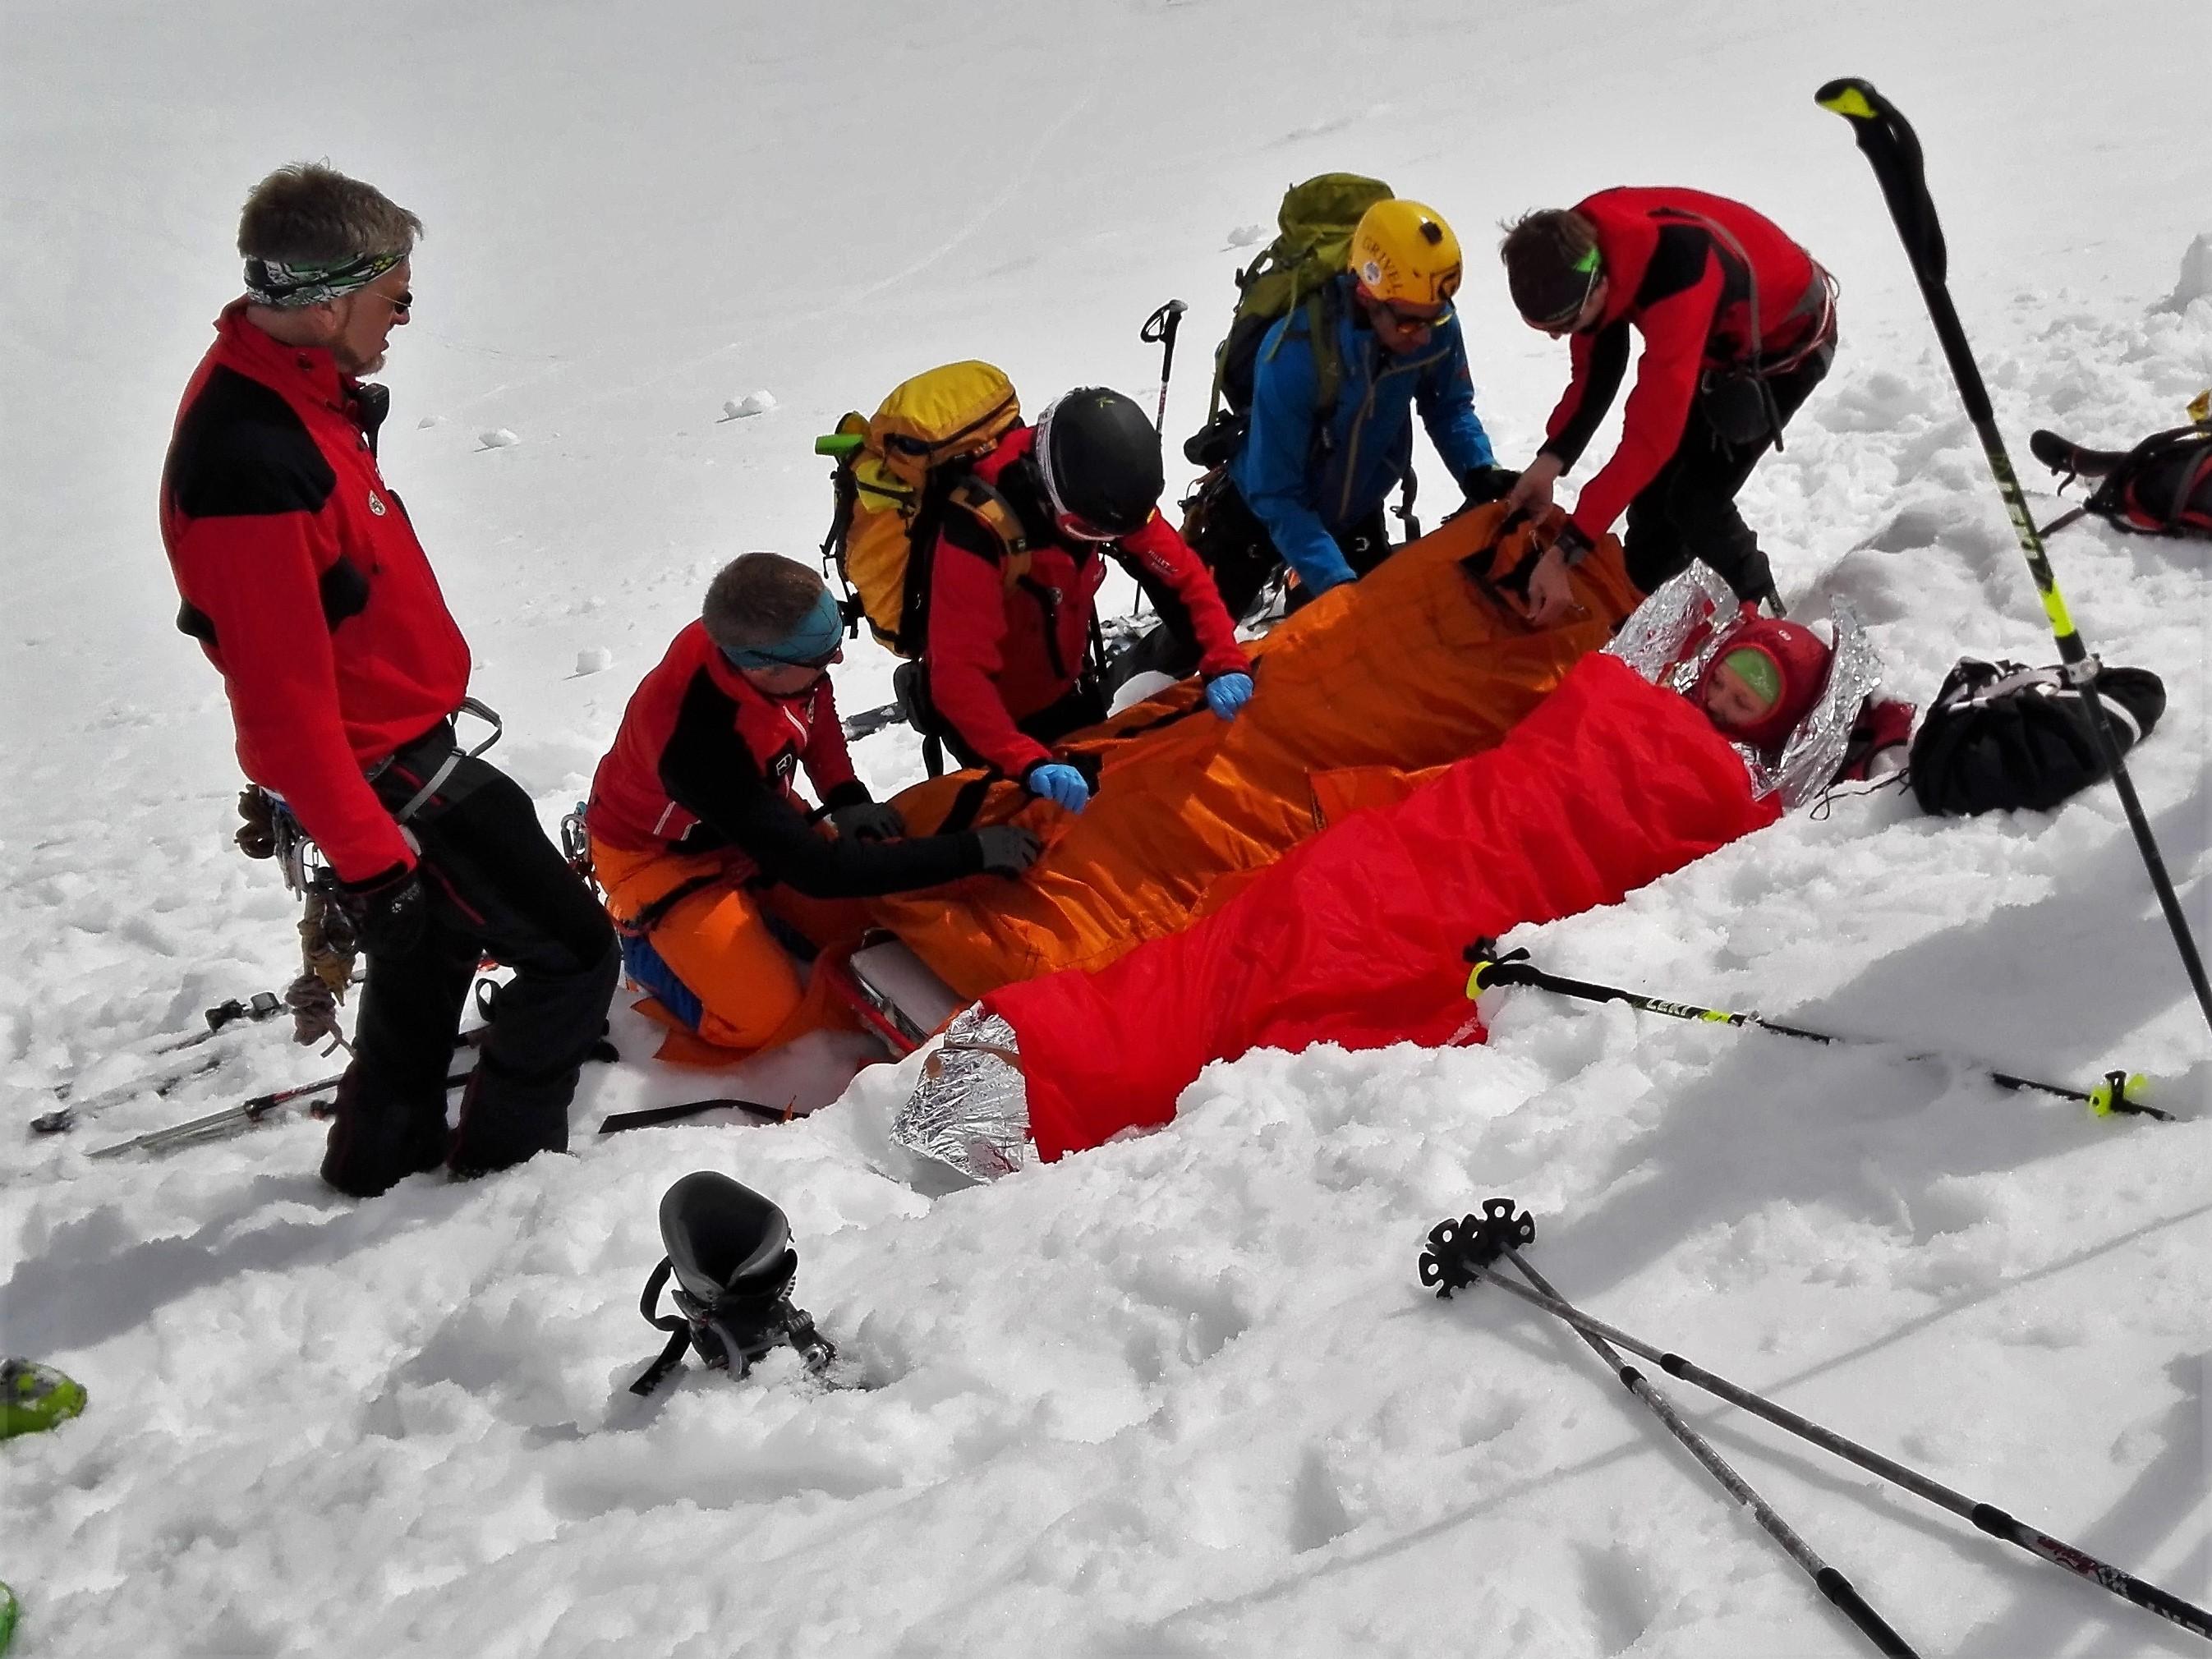 Zwei verletzte Skitourengeherinnen mussten in einer aufwändigen Rettungsaktion geborgen werden